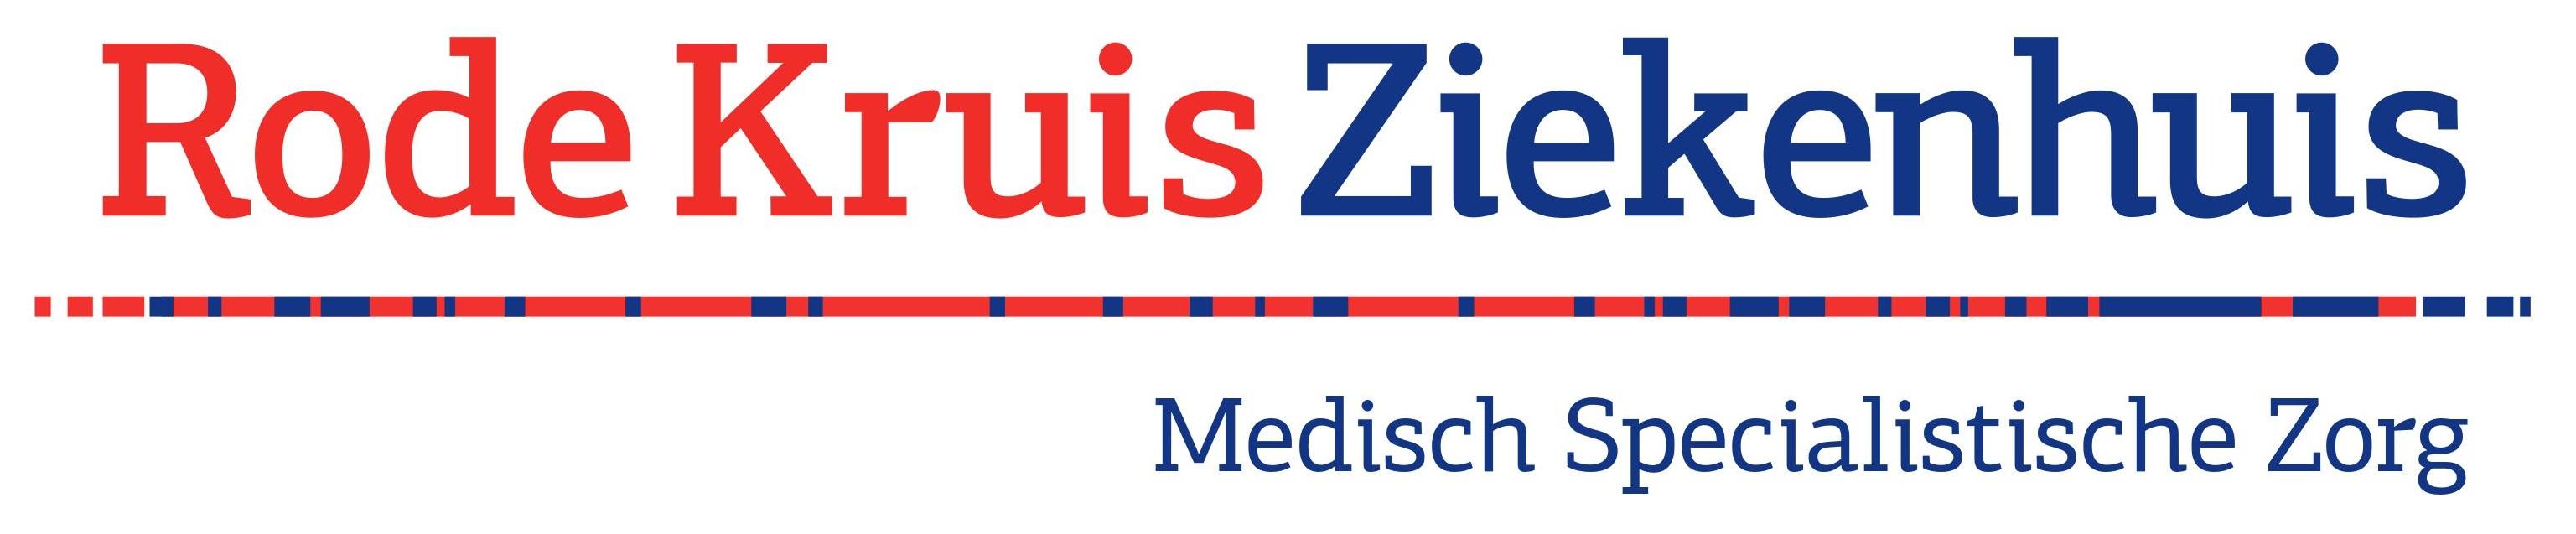 Seh Verpleegkundige In Beverwijk Rode Kruis Ziekenhuis